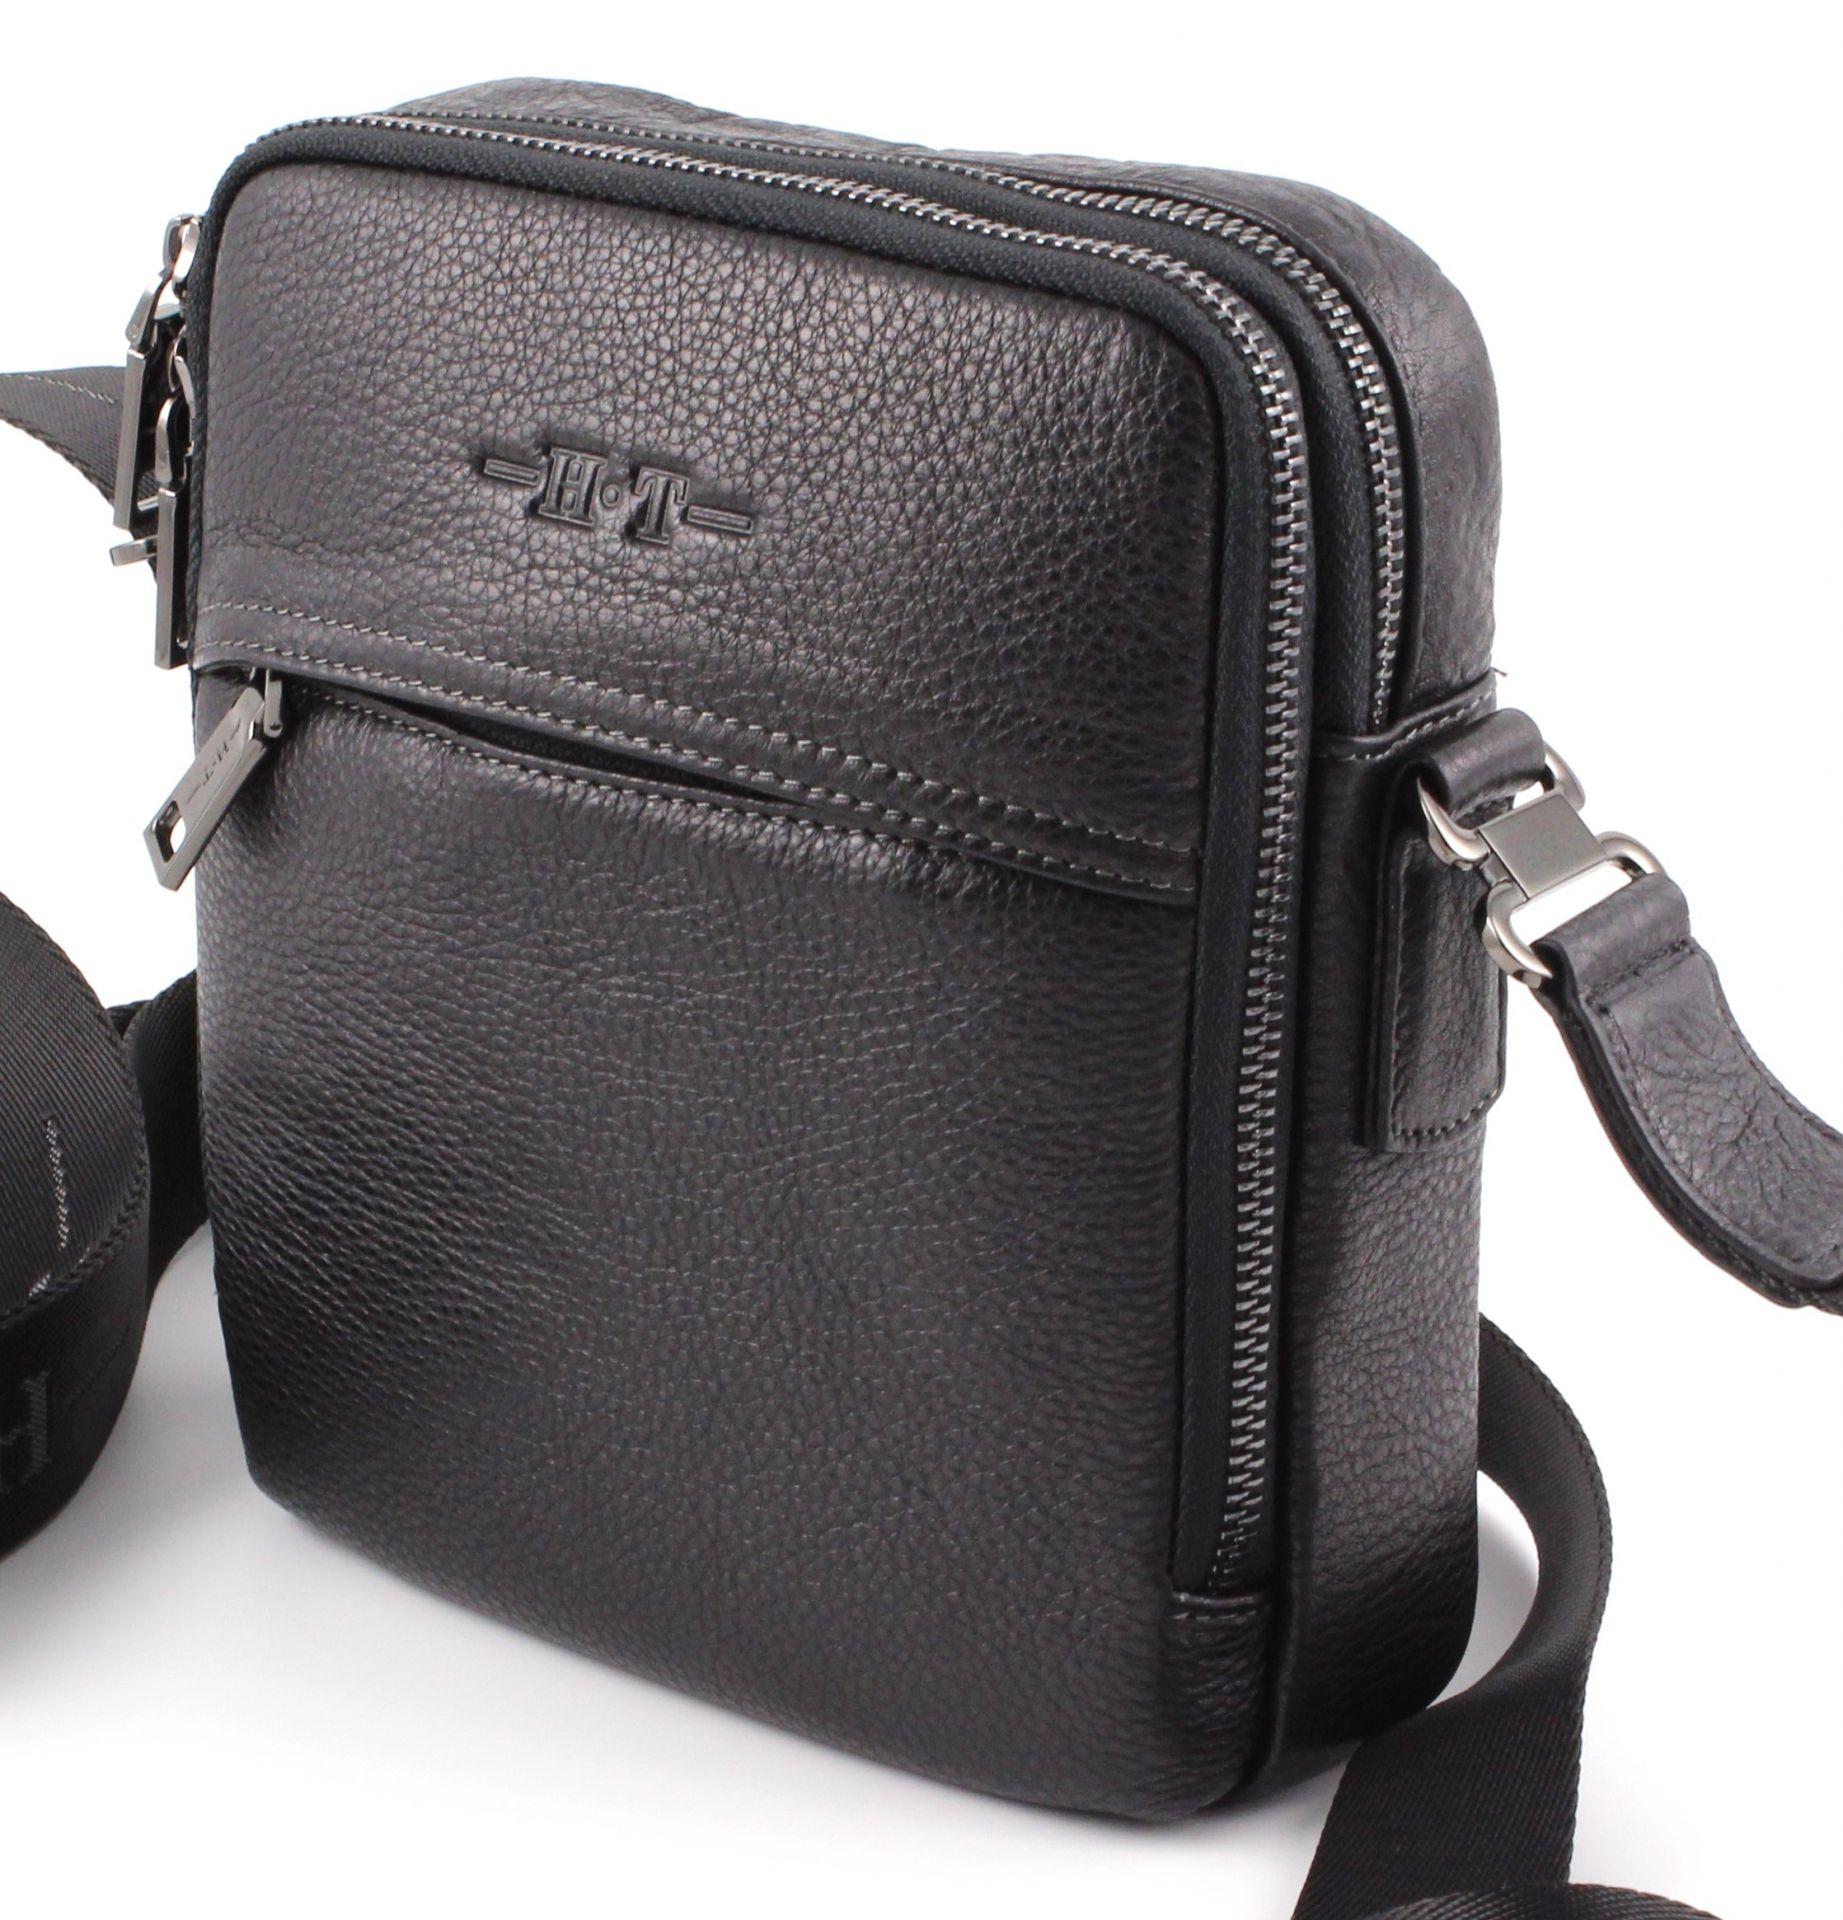 d2c378cf3549 Вертикальная мужская наплечная сумка из натуральной кожи H.T Leather (10257)